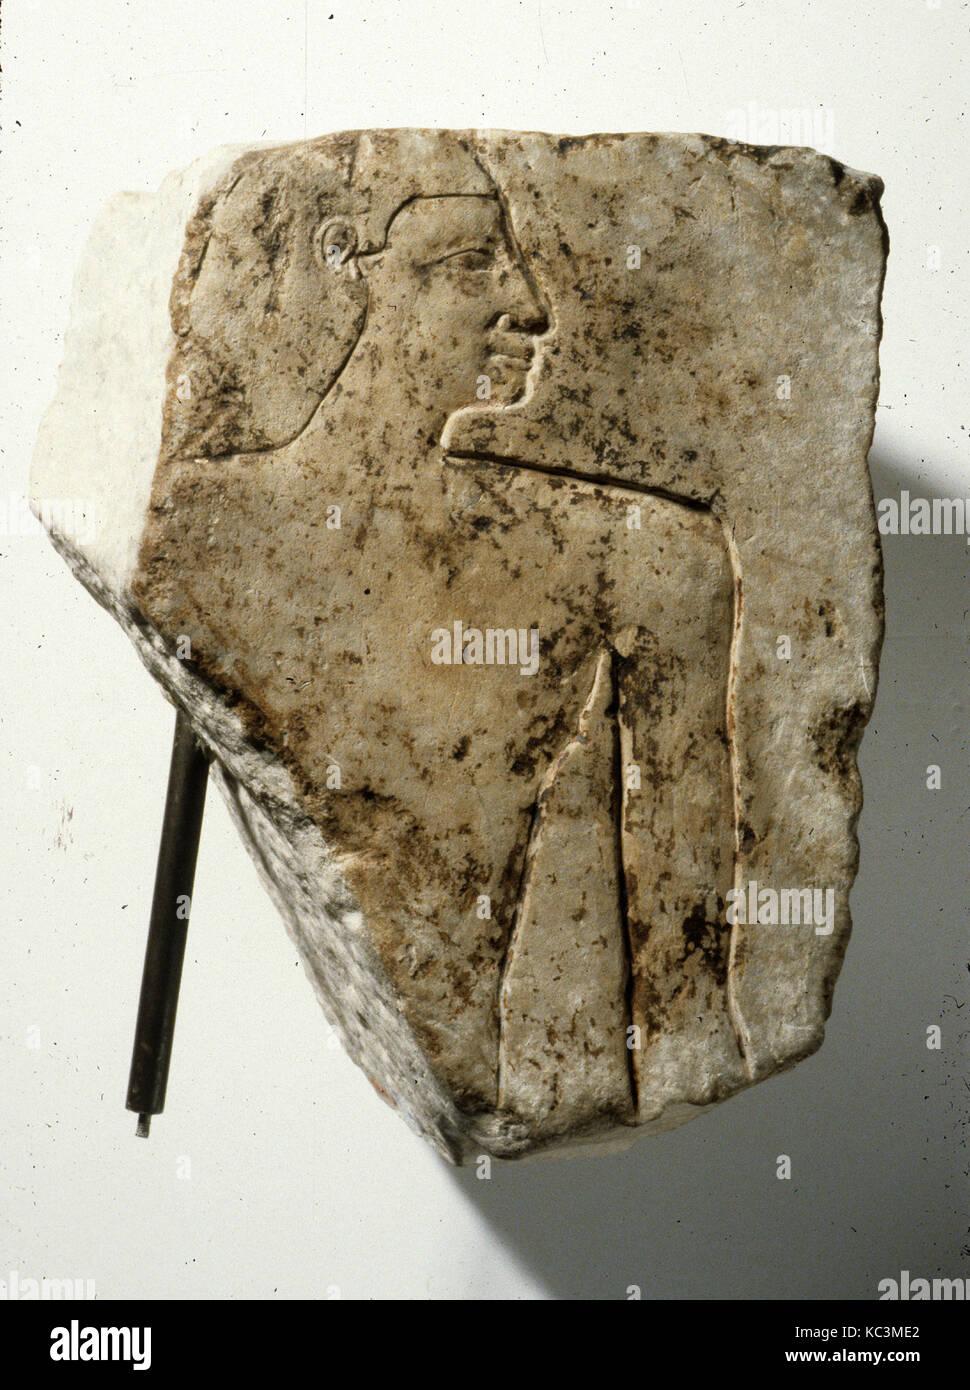 Frammento di rilievo di uomo di corpo superiore, ca. 1961-1917 A.C. Immagini Stock